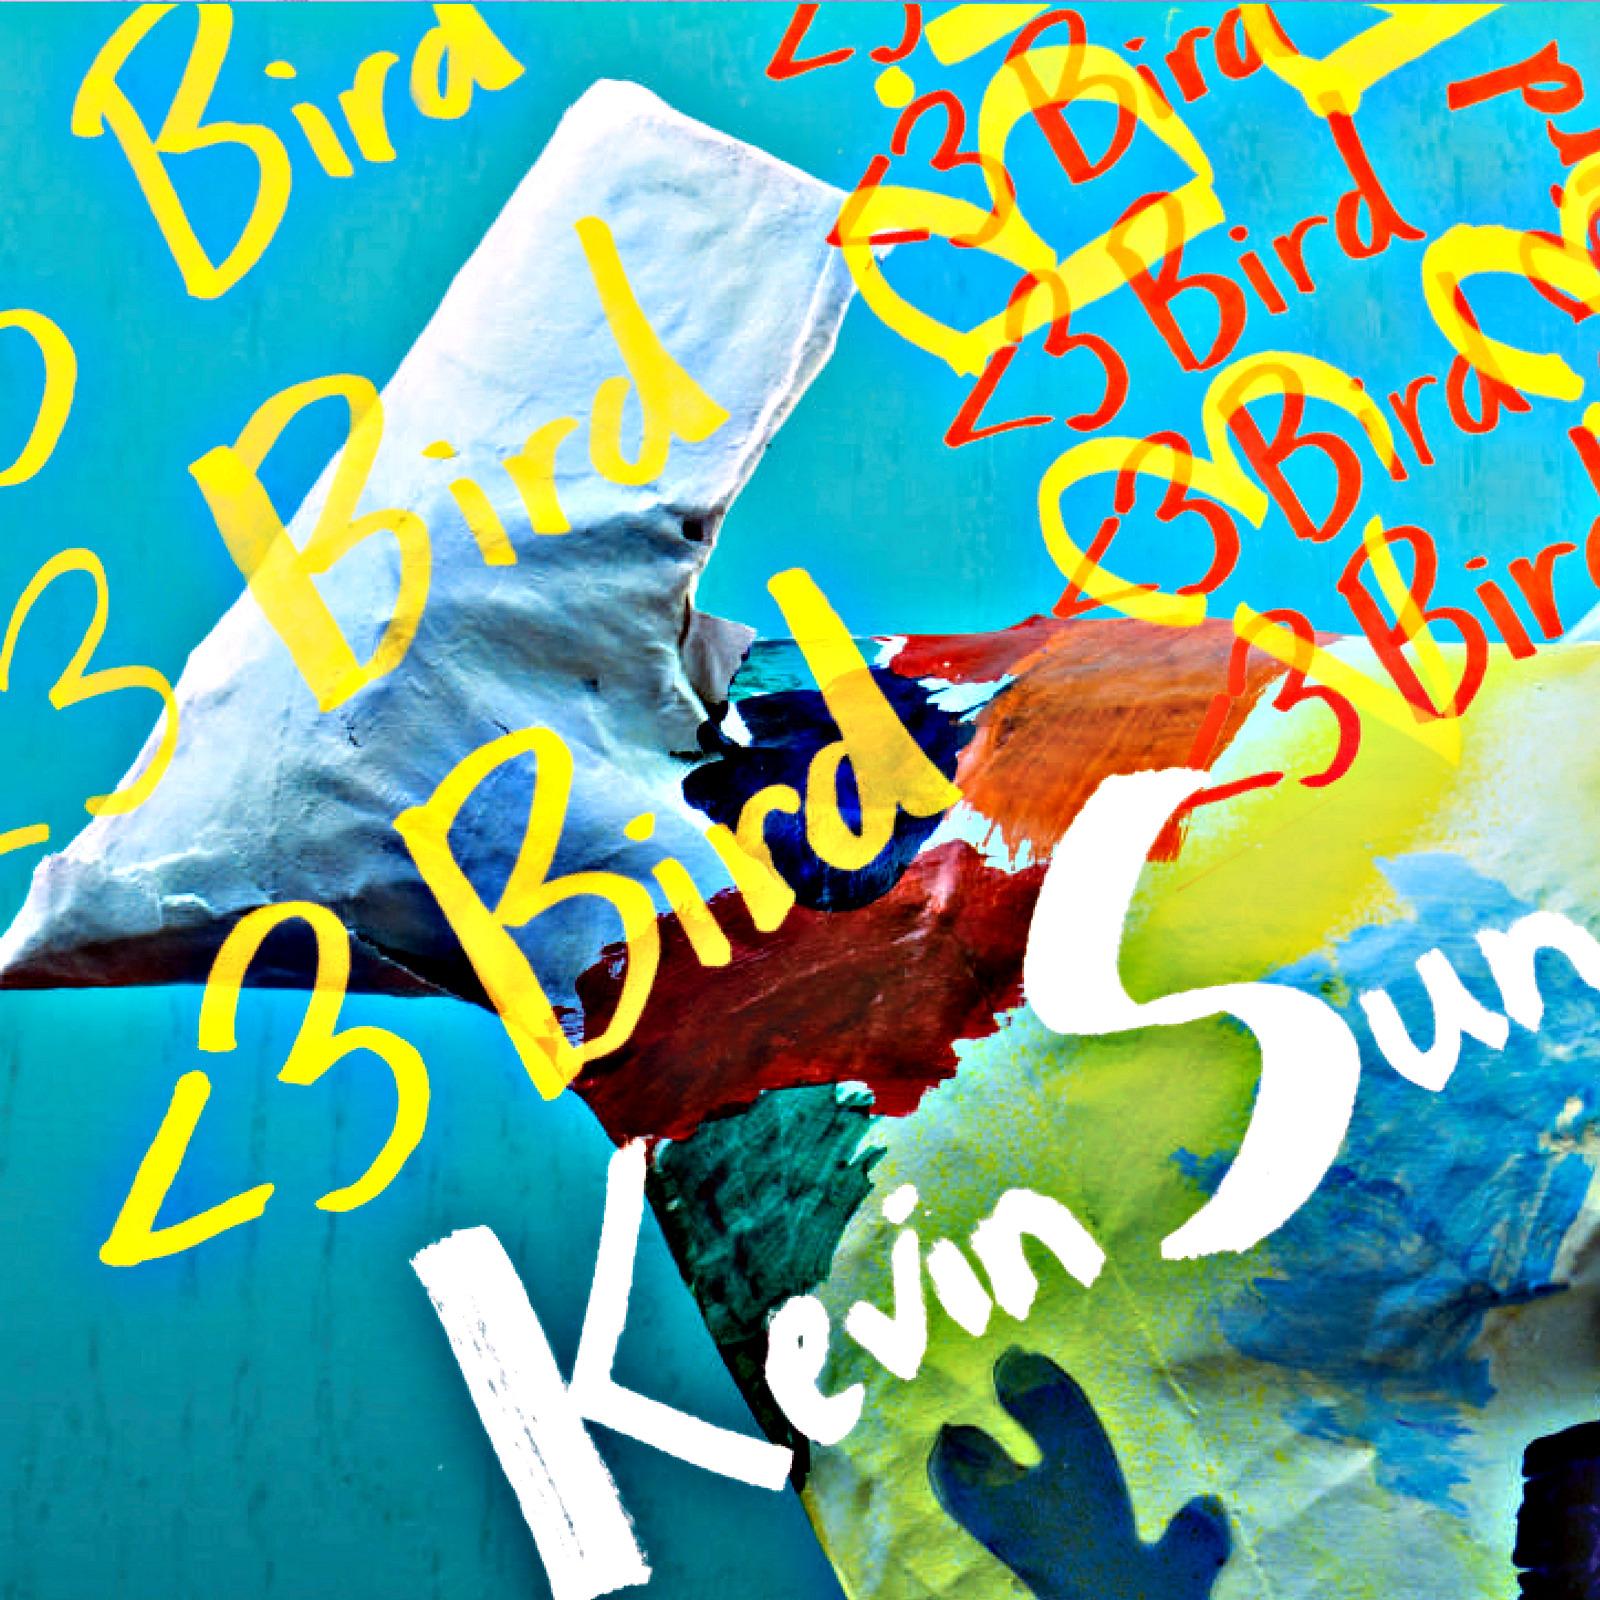 3 birds _ cover_1600pix